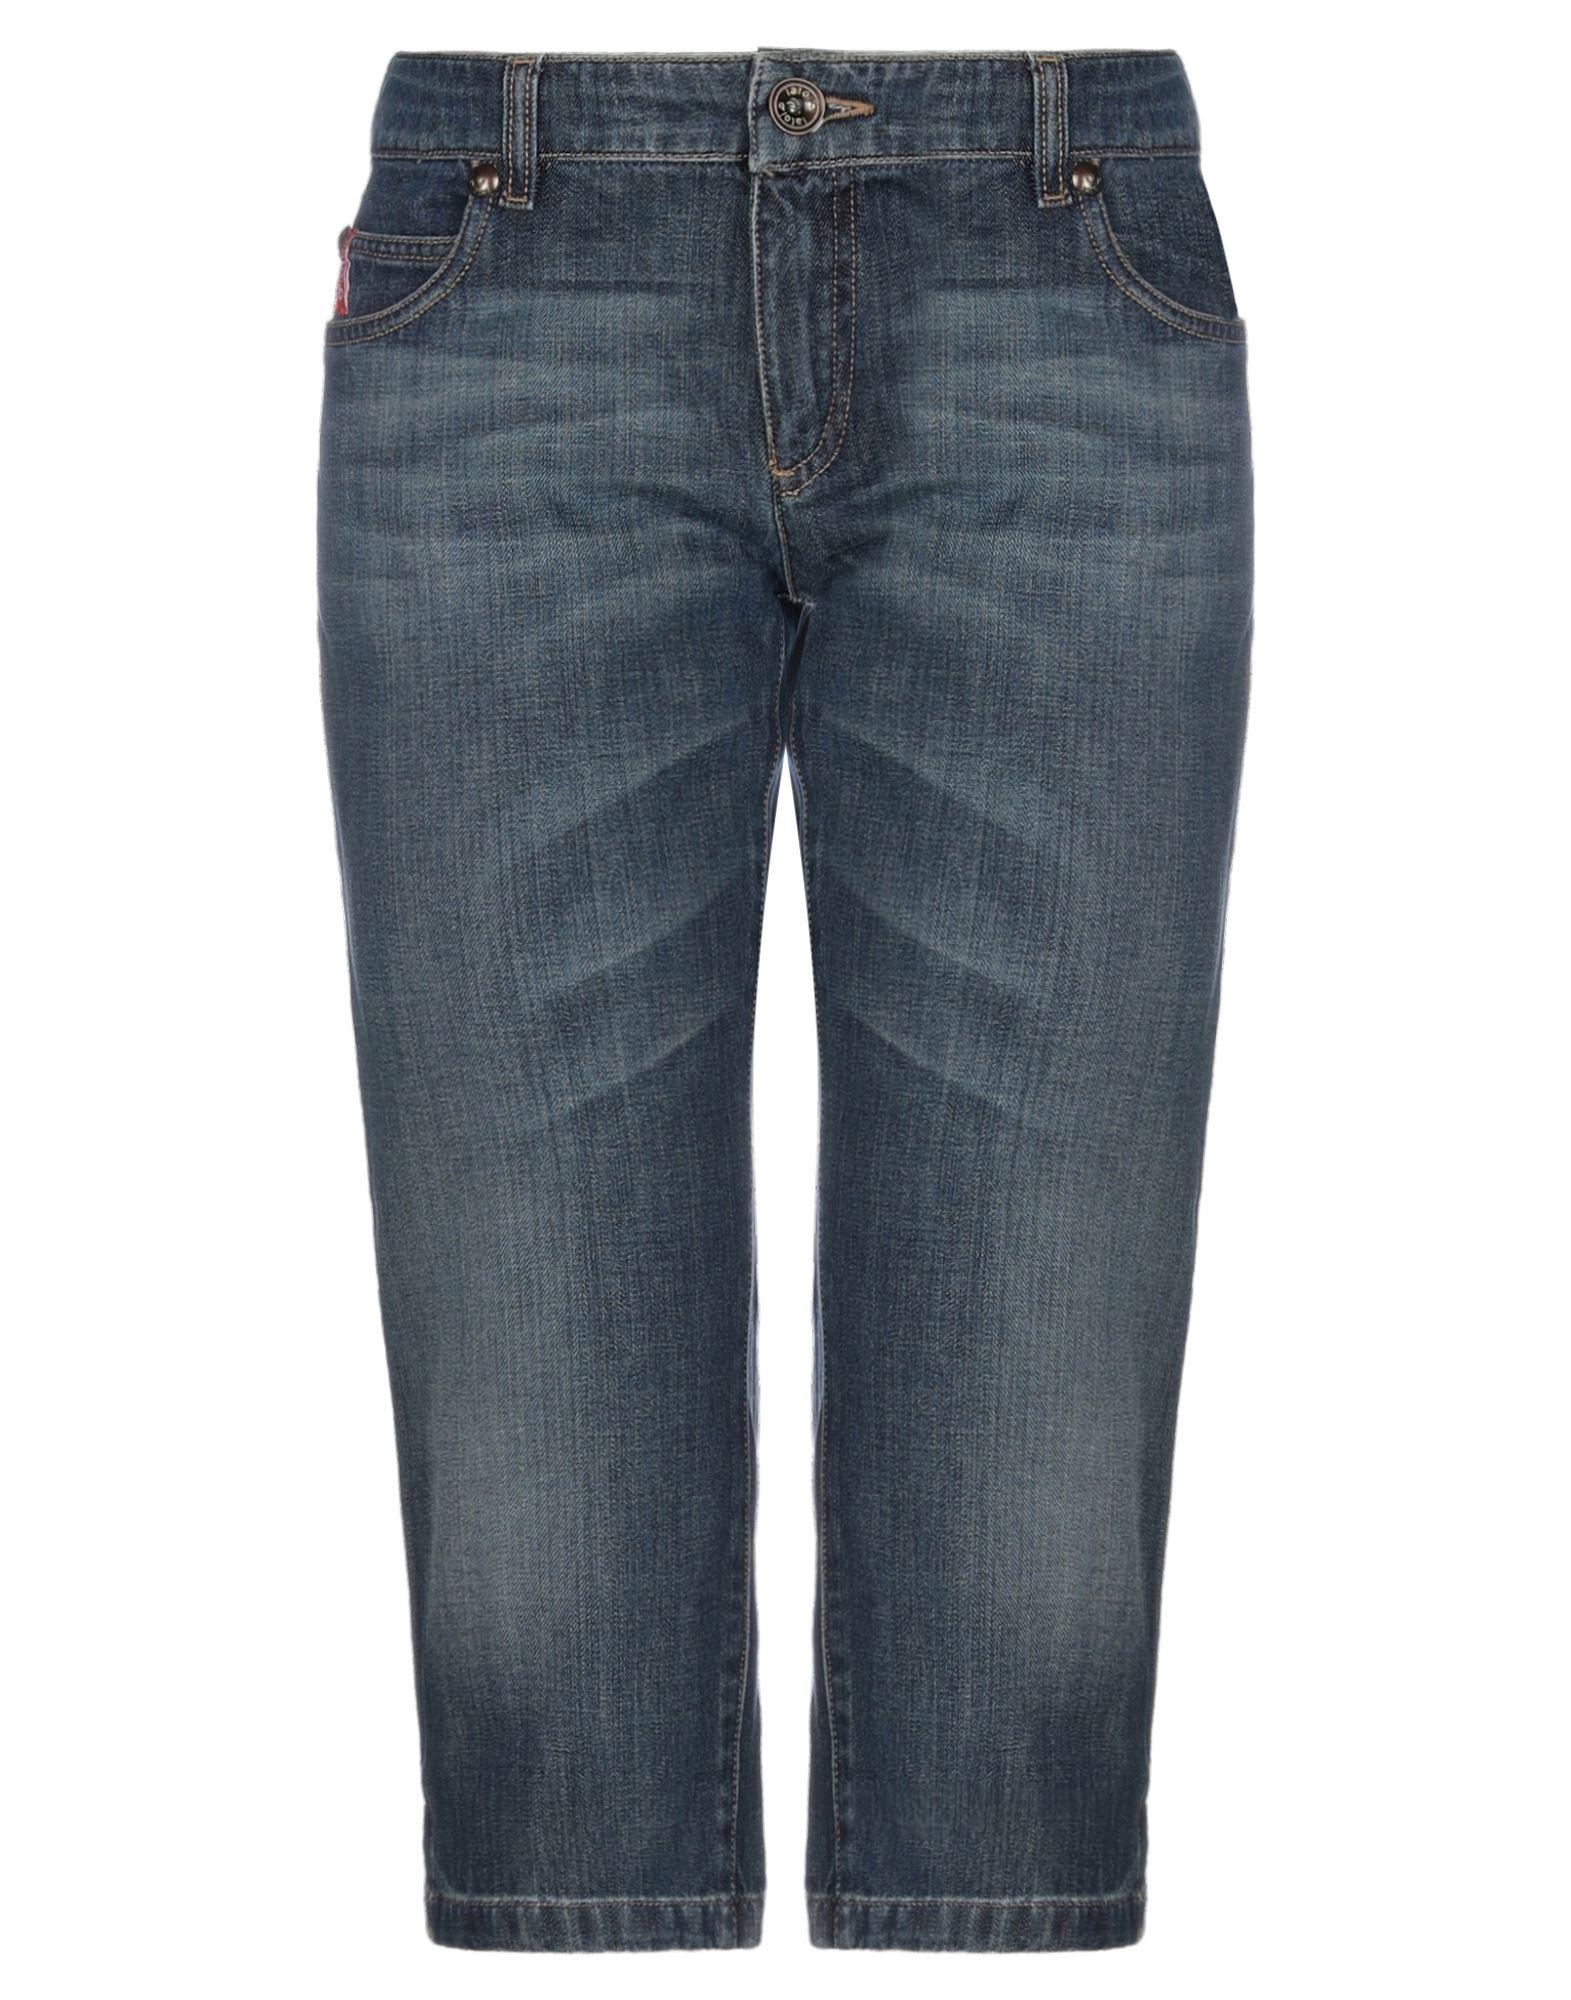 LATO/B BY MARELLA Укороченные джинсы